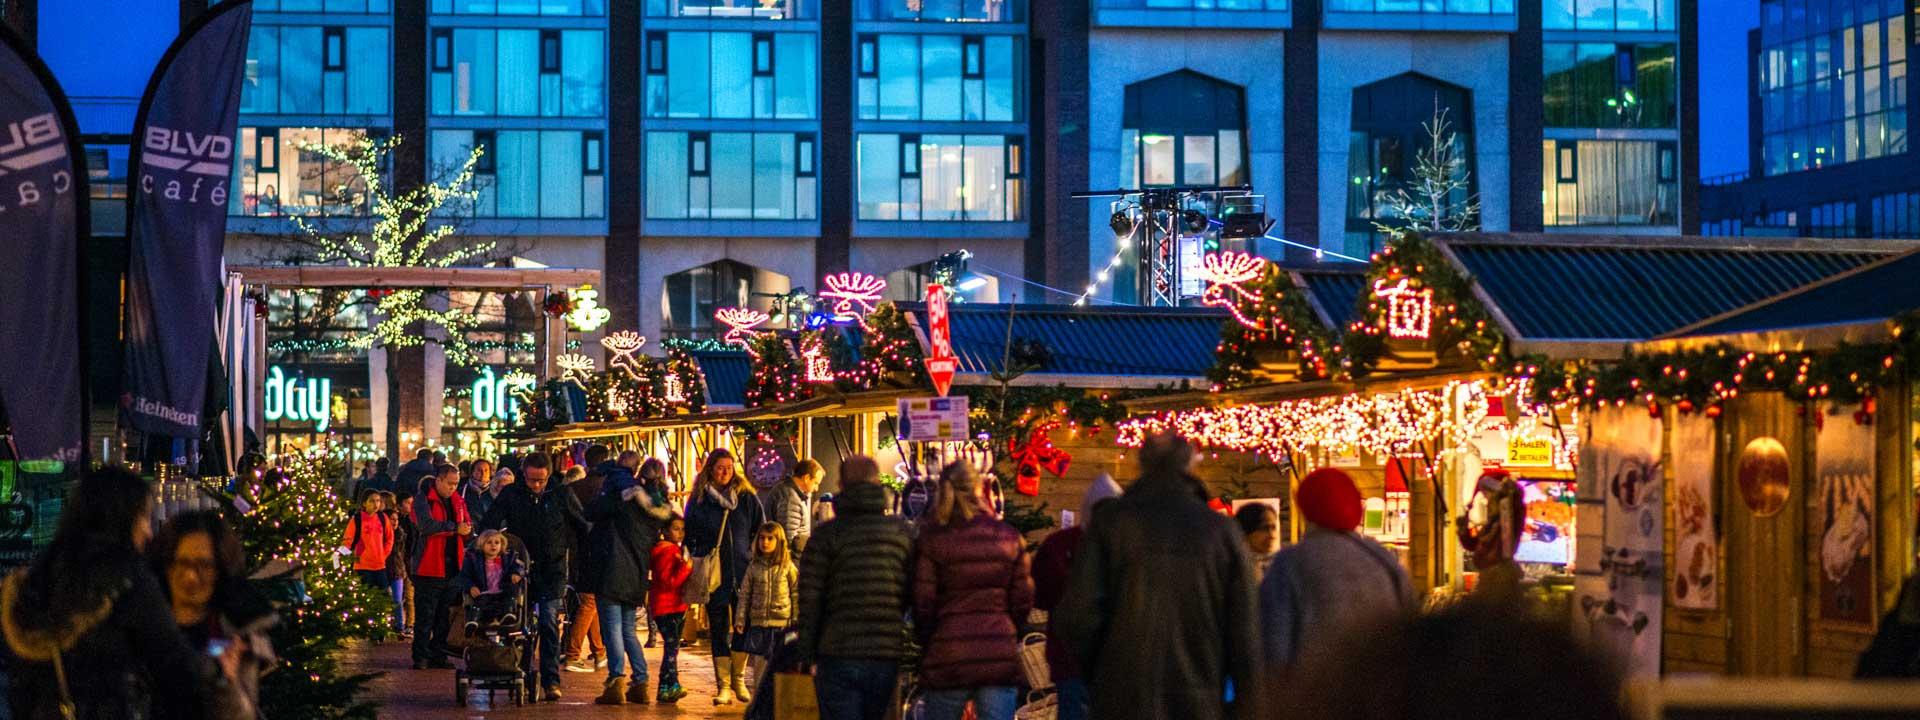 Kerstmarkt Winter Village Stadshart Amstelveen Van 7 T M 30 December